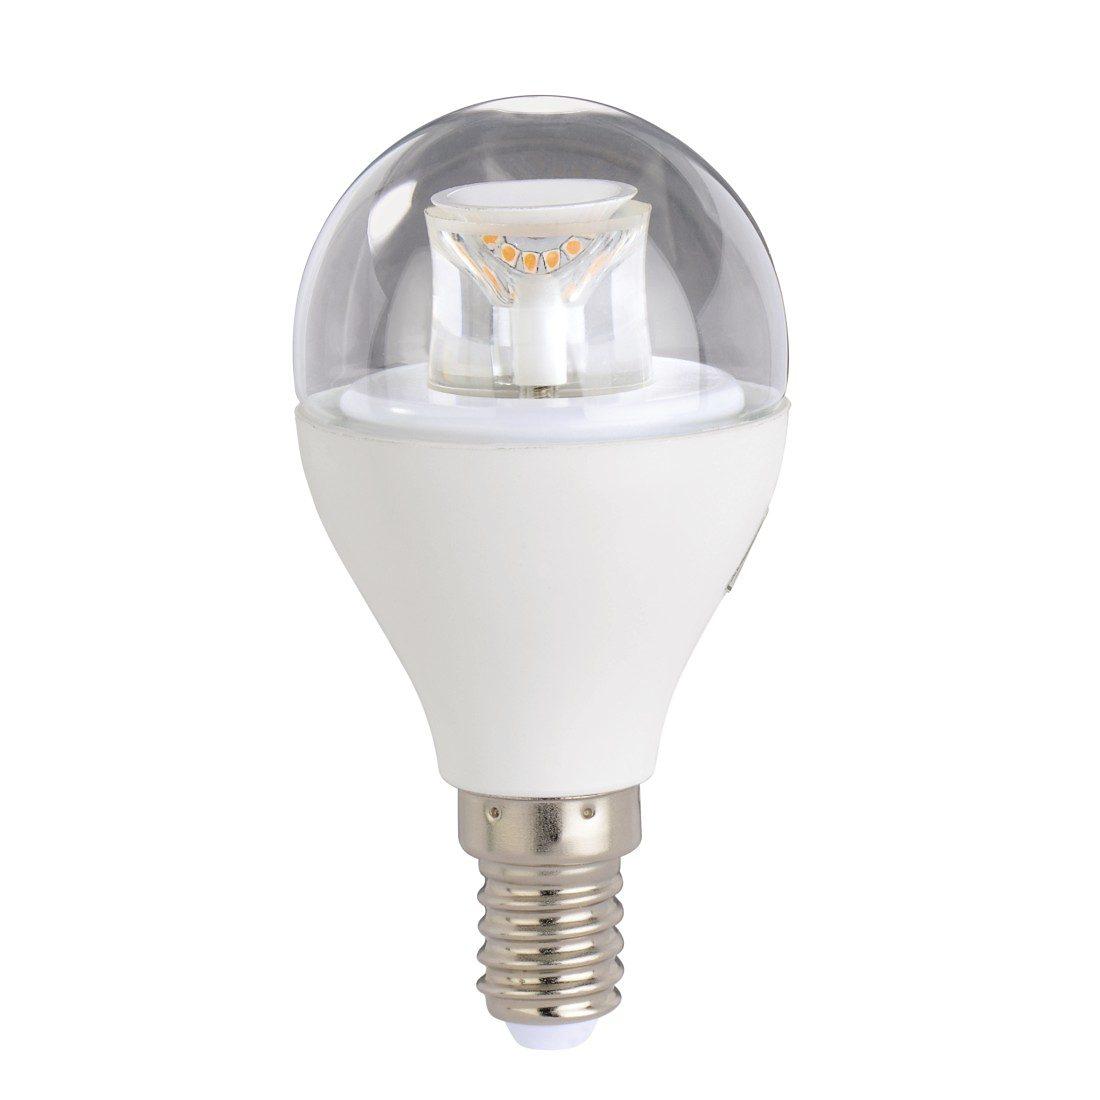 Xavax LED-Lampe, 6,2W, Tropfenform klar, E14, dimmbar, Warmweiß